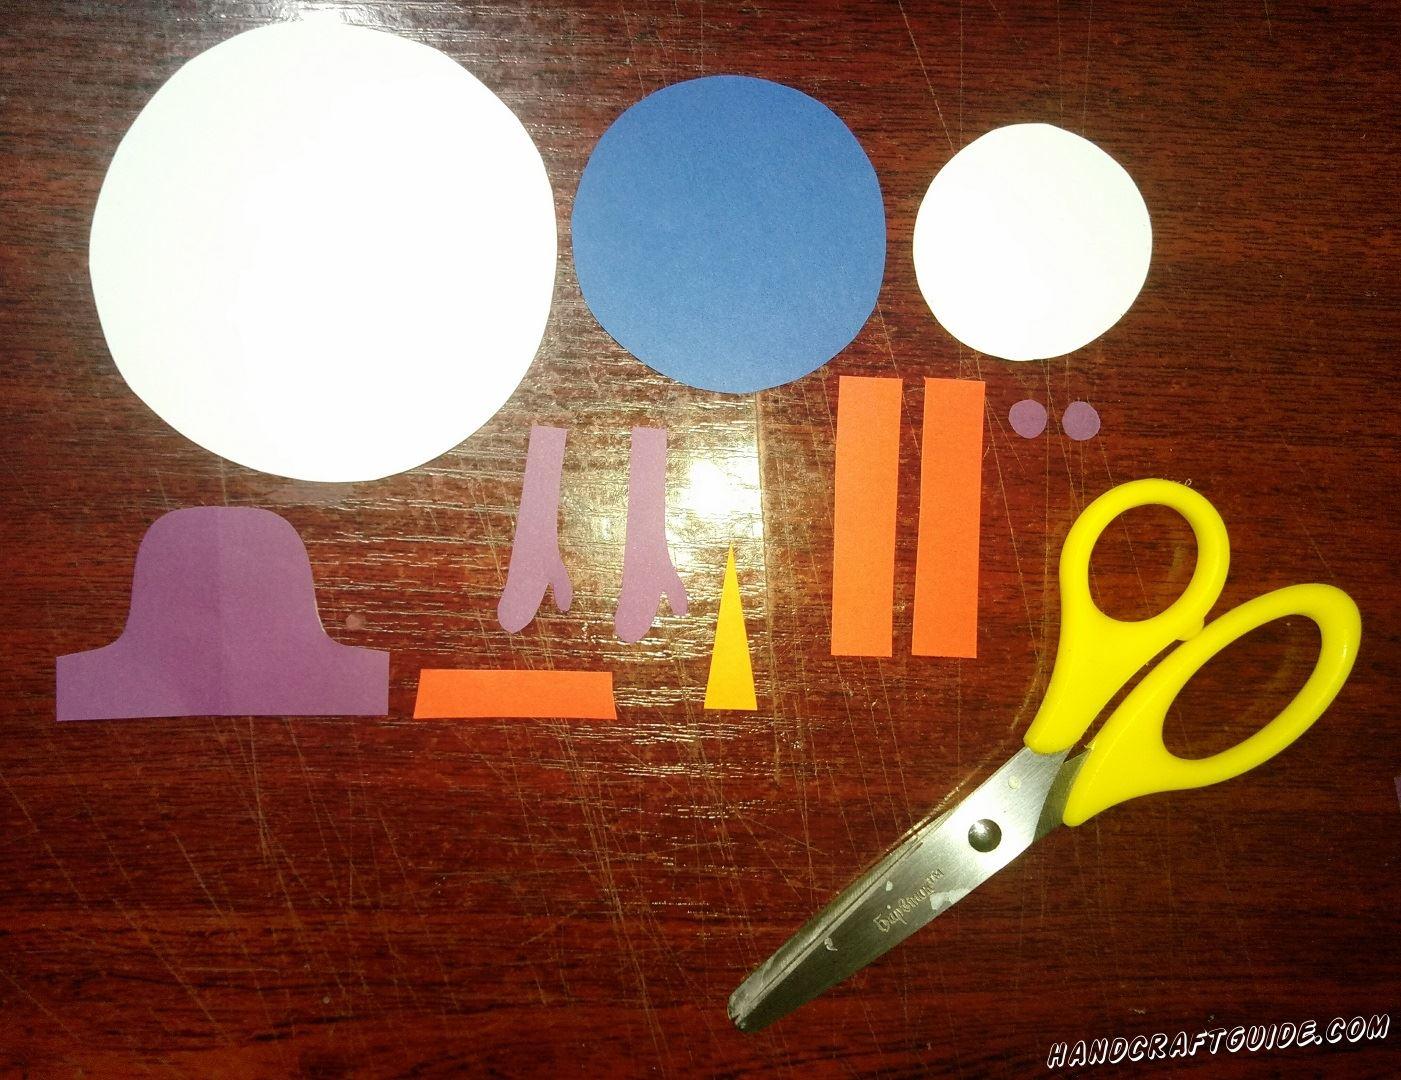 Для начала, нам нужно вырезать из бумаги, все необходимые фигурки: большой и малый круг белого цвета, средний круг синего цвета, фиолетовую шапочку, две ручки и глазки, желтый носик. Осталось только вырезать две одинаковые короткие полоски и бумажную ленточку на шляпу, красного цвета. Теперь смело начинаем склеивать наши фигурки.